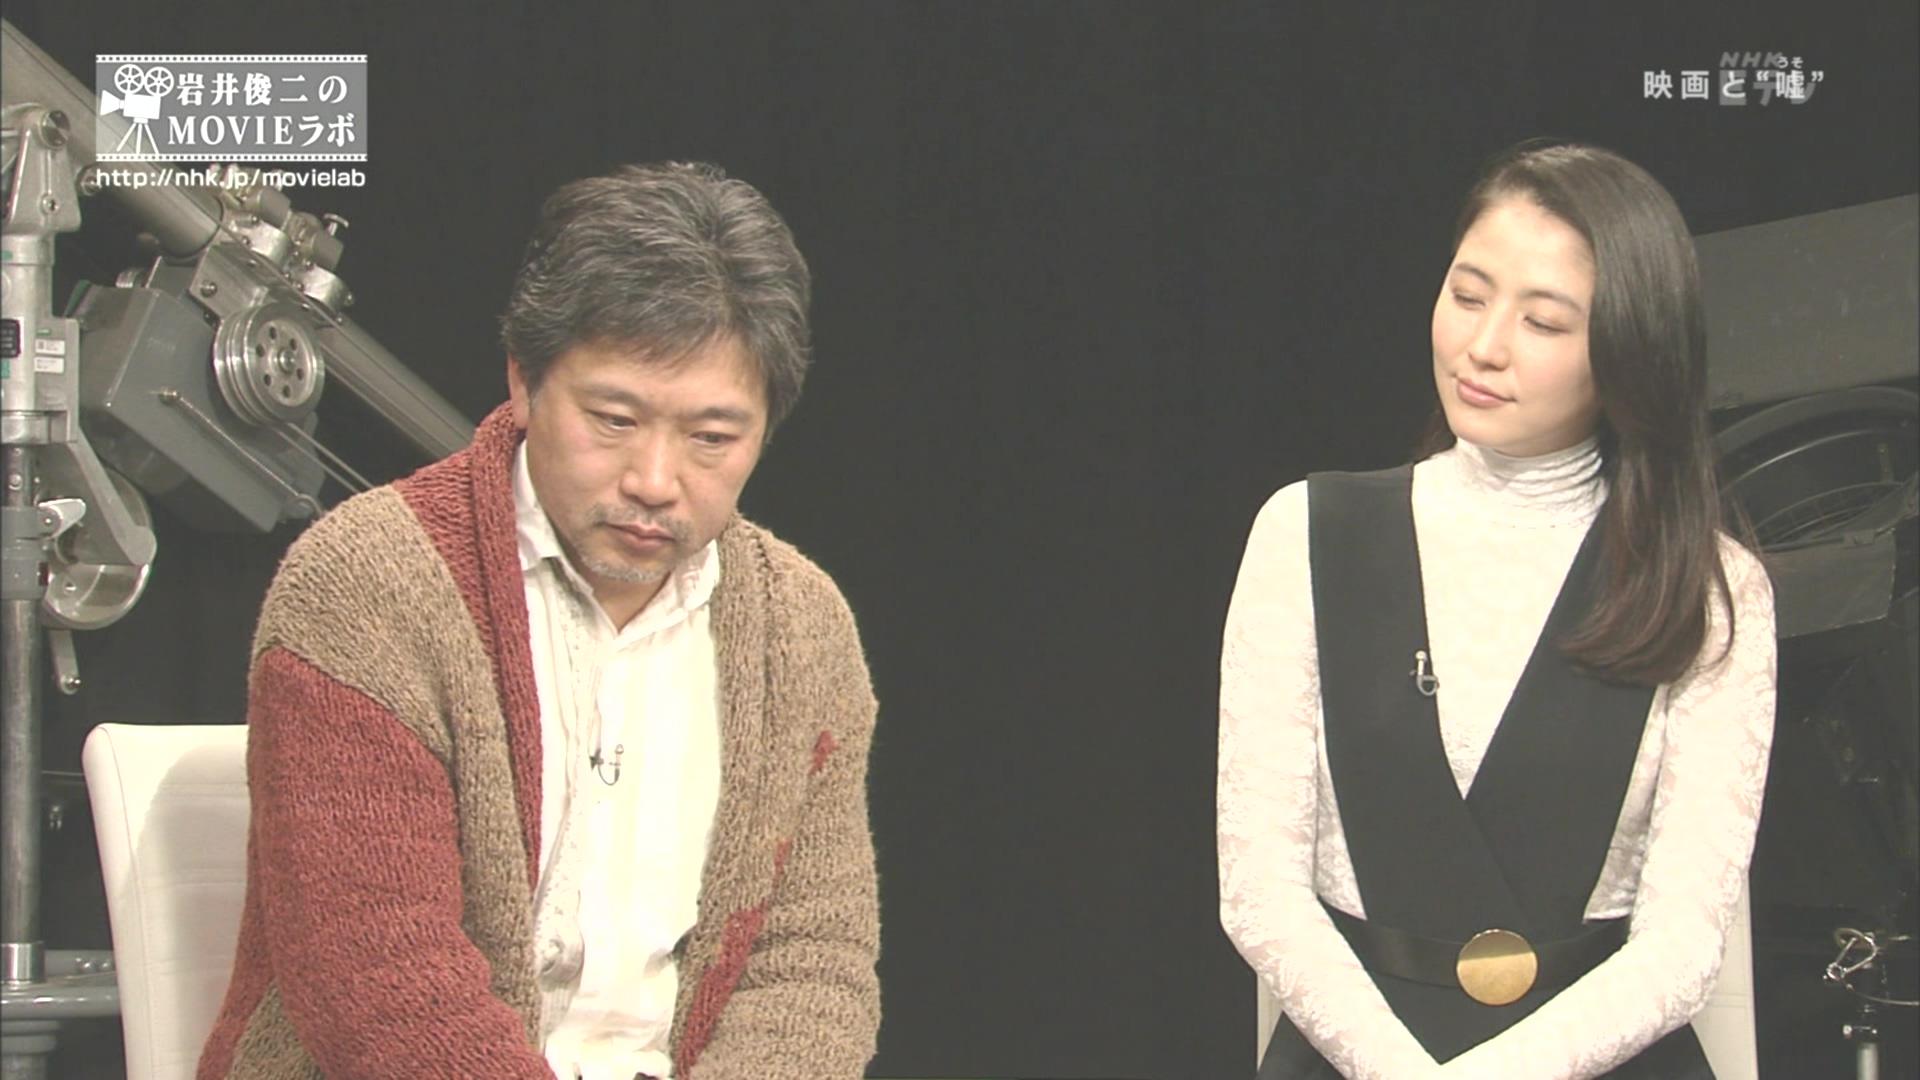 nagasawamovie421